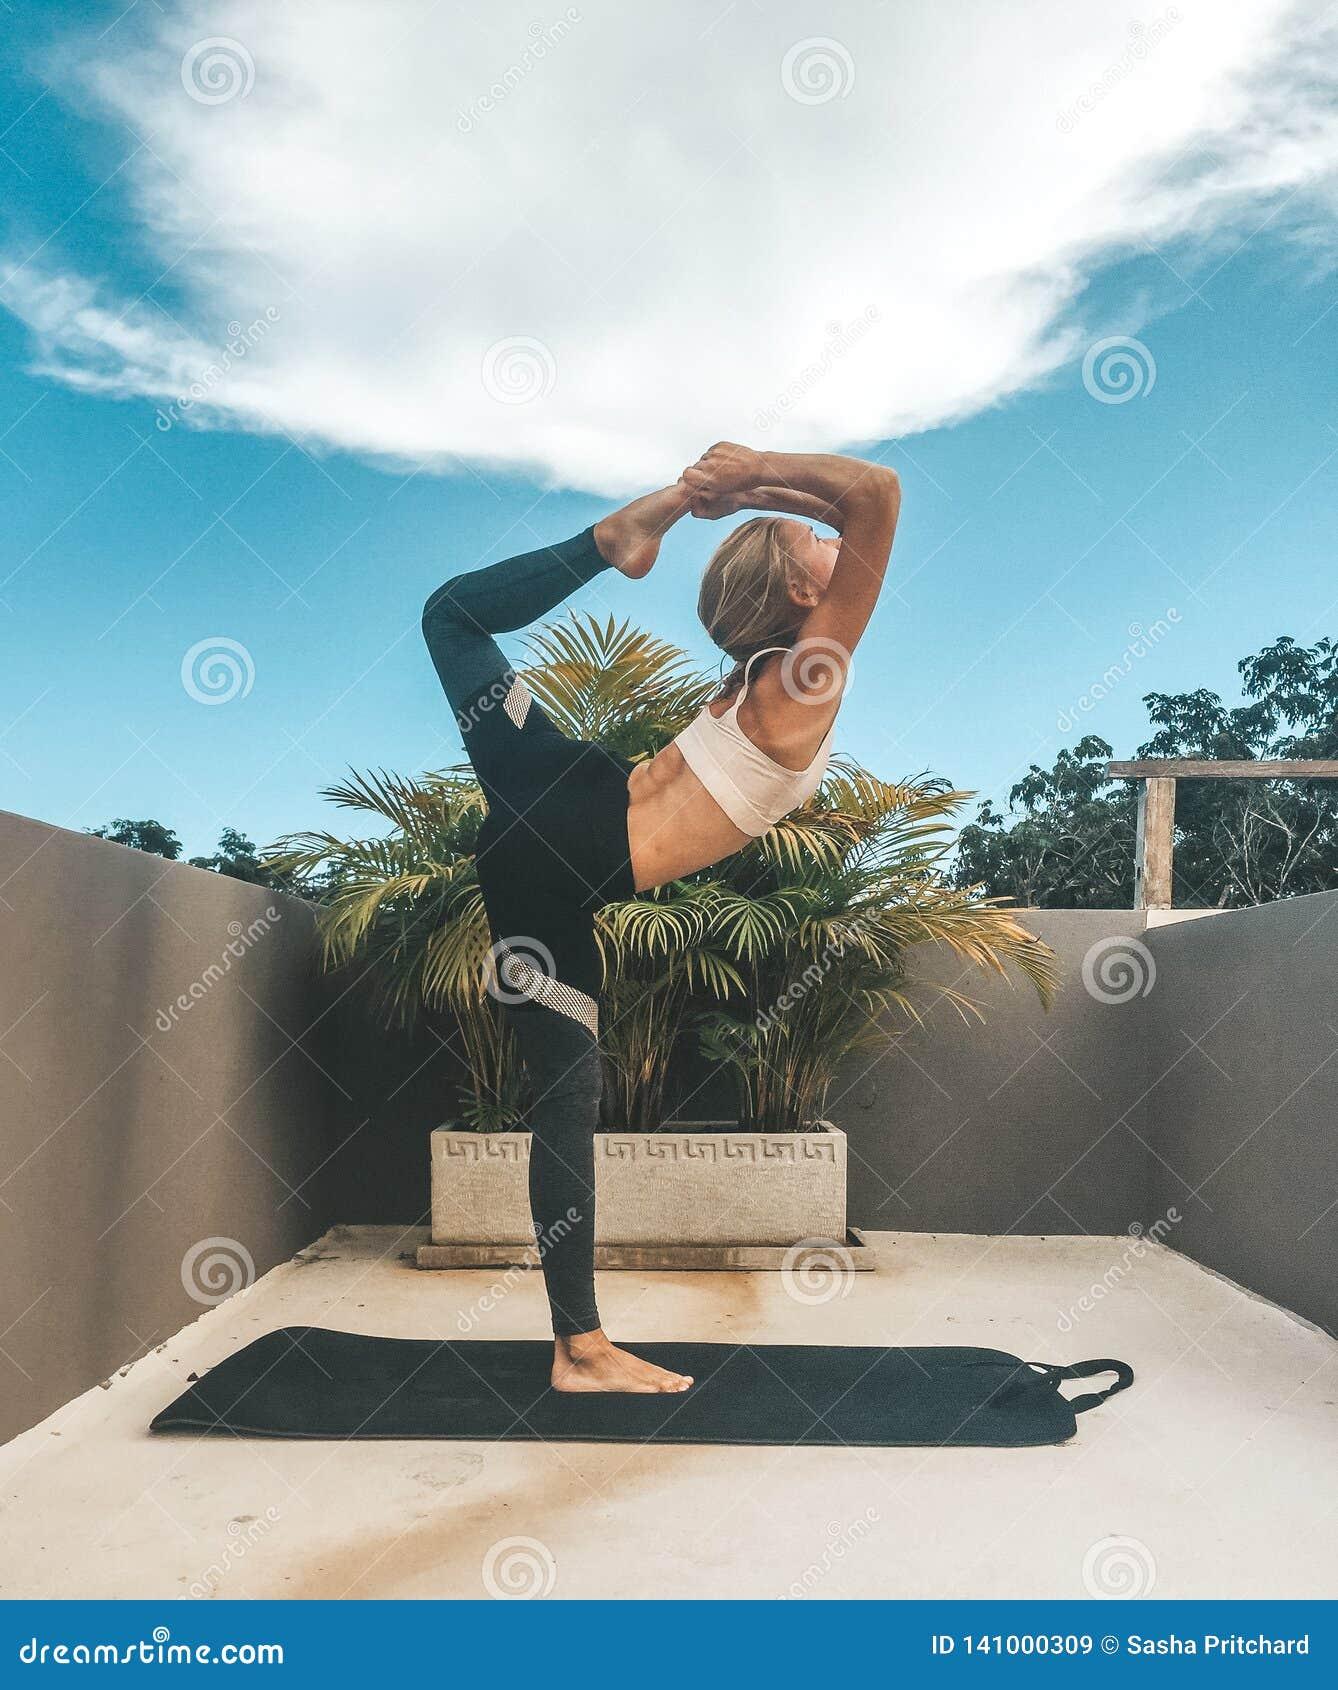 做瑜伽在屋顶的妇女舞蹈家姿势